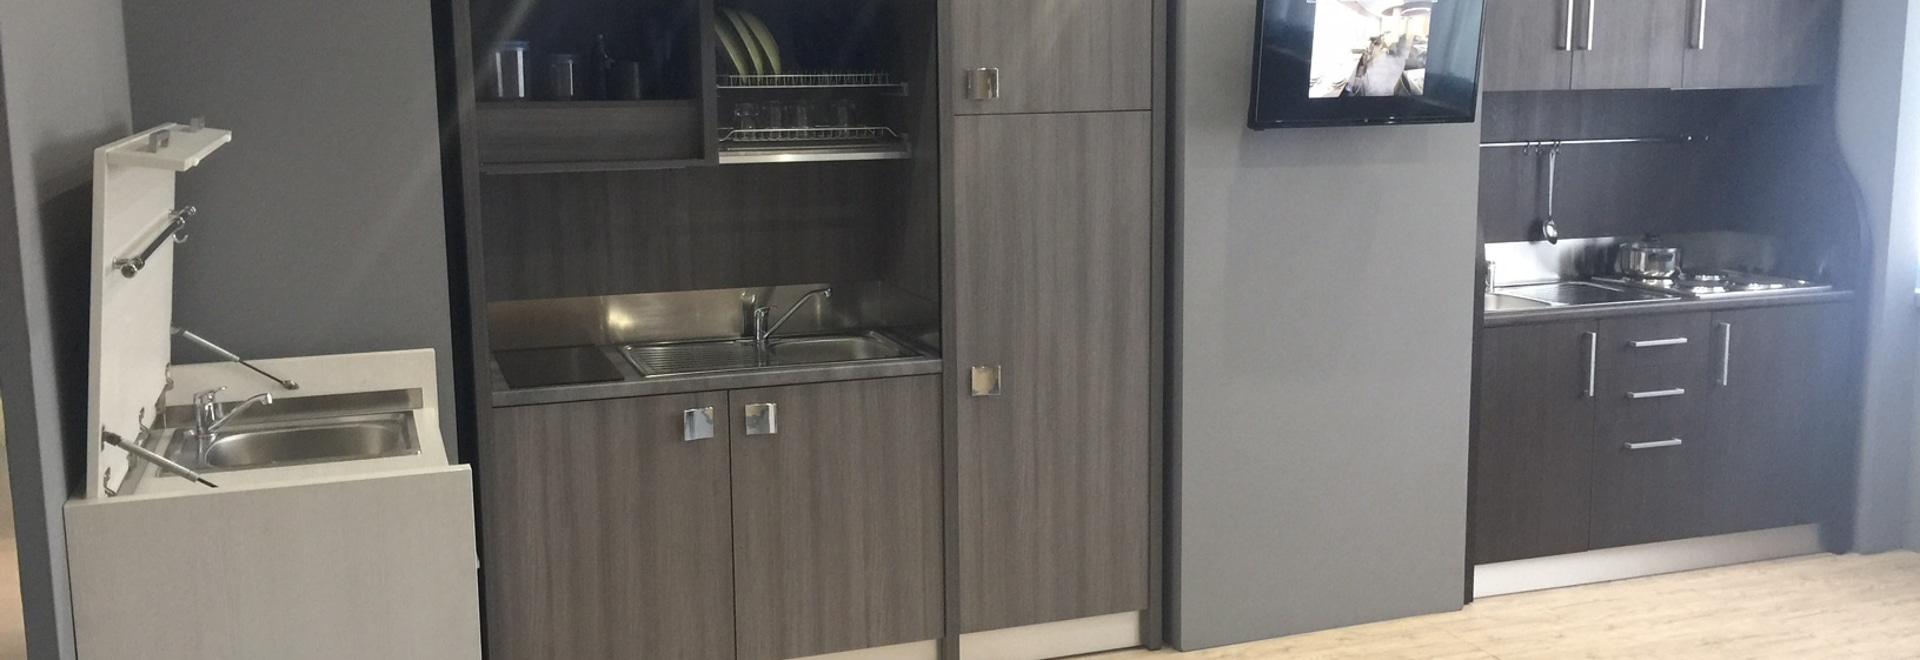 Ausstellungsraum - Miniküchen